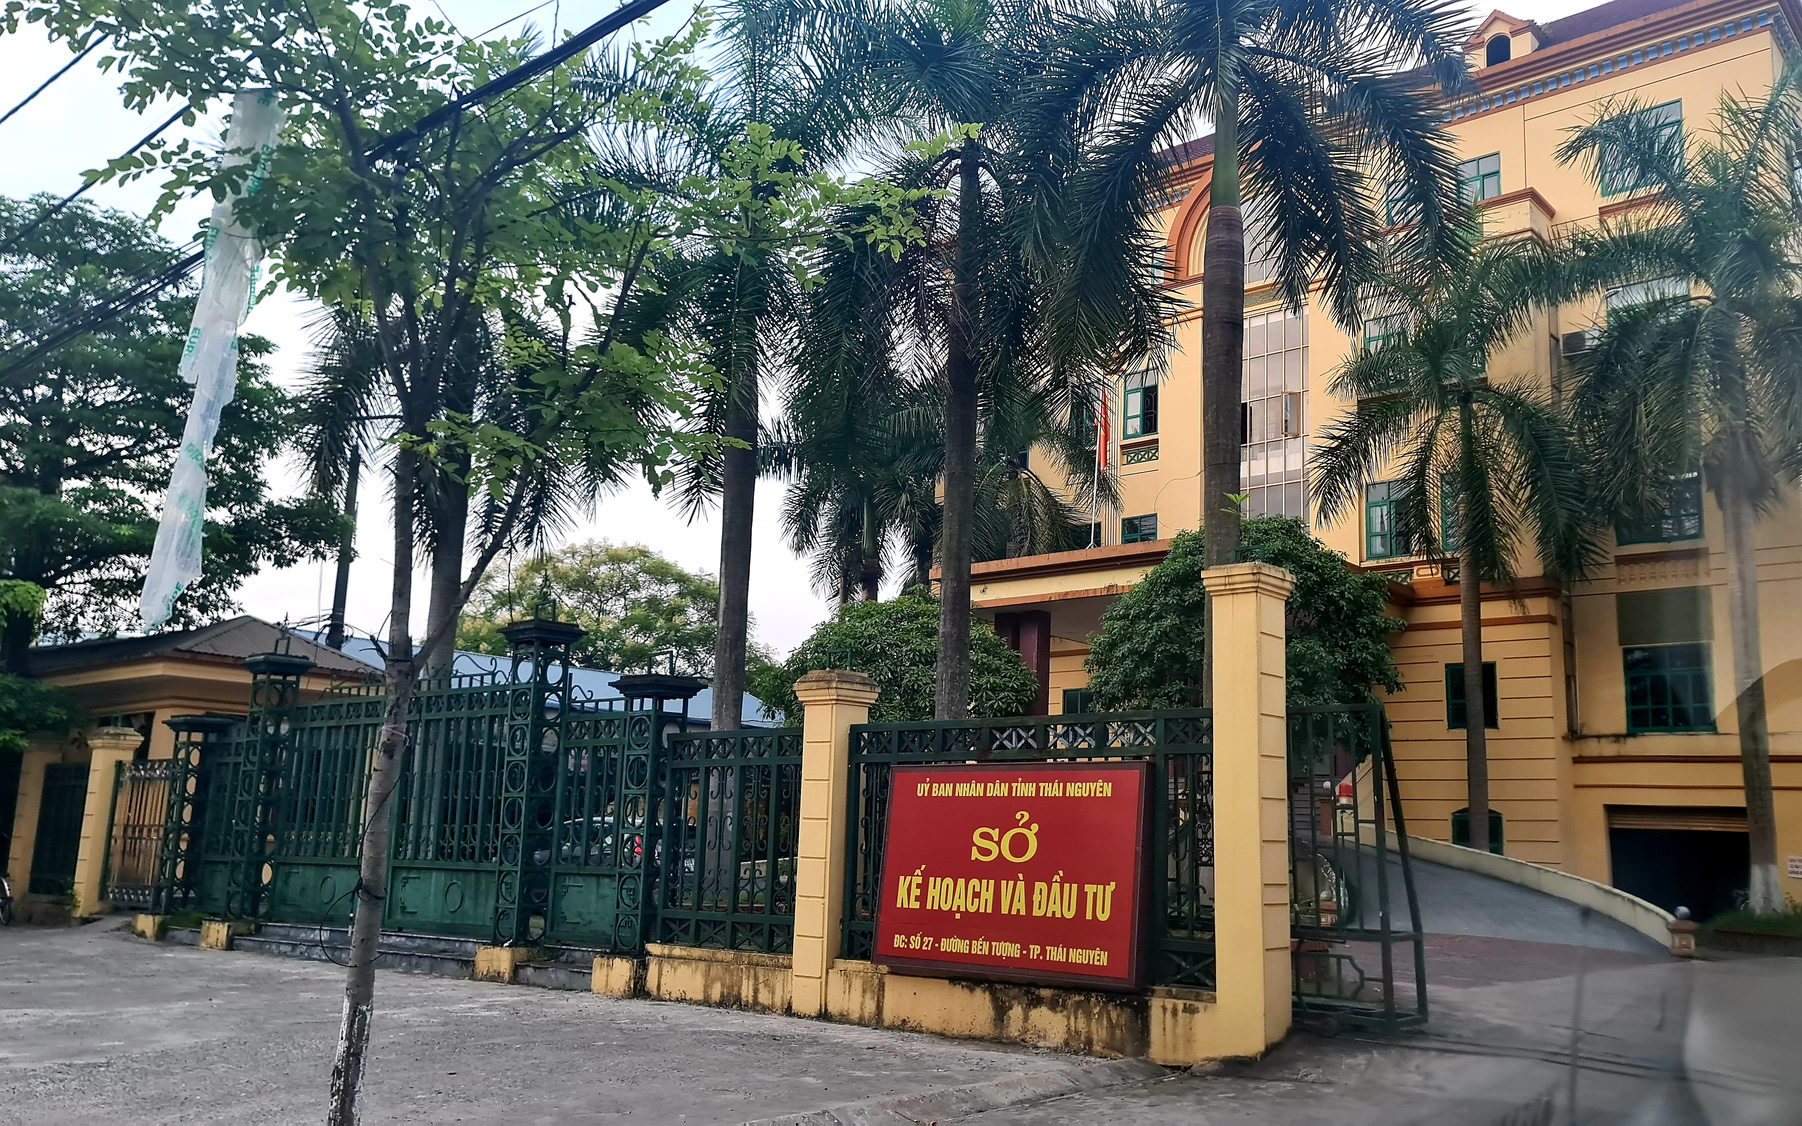 Bắt đầu kiểm tra dấu hiệu vi phạm đối với Phó Giám đốc Sở KHĐT Thái Nguyên